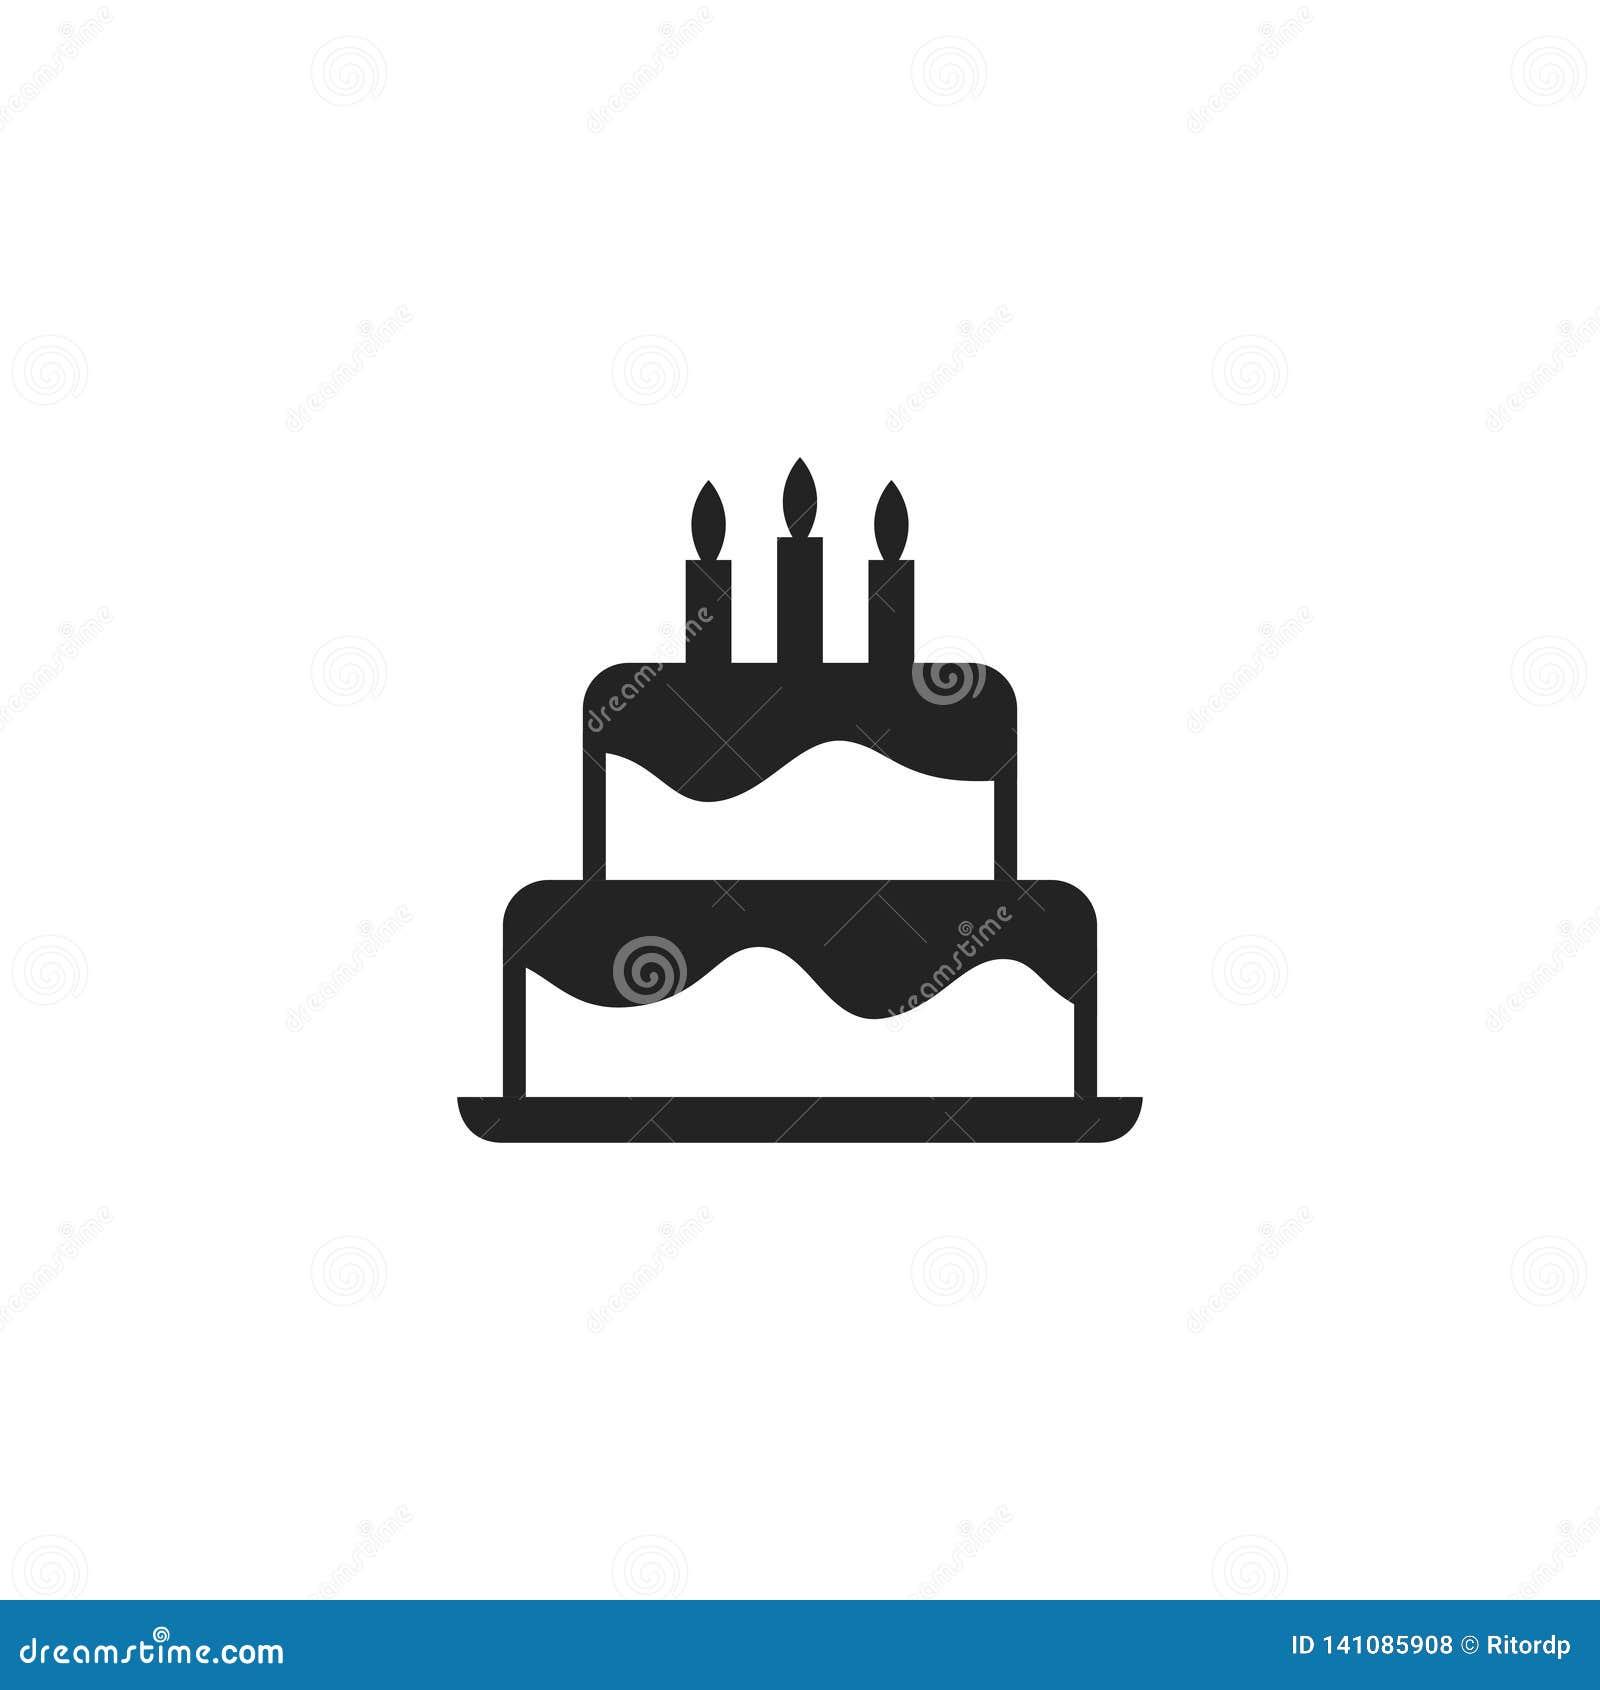 Icono, símbolo o logotipo del vector del Glyph de la torta de cumpleaños